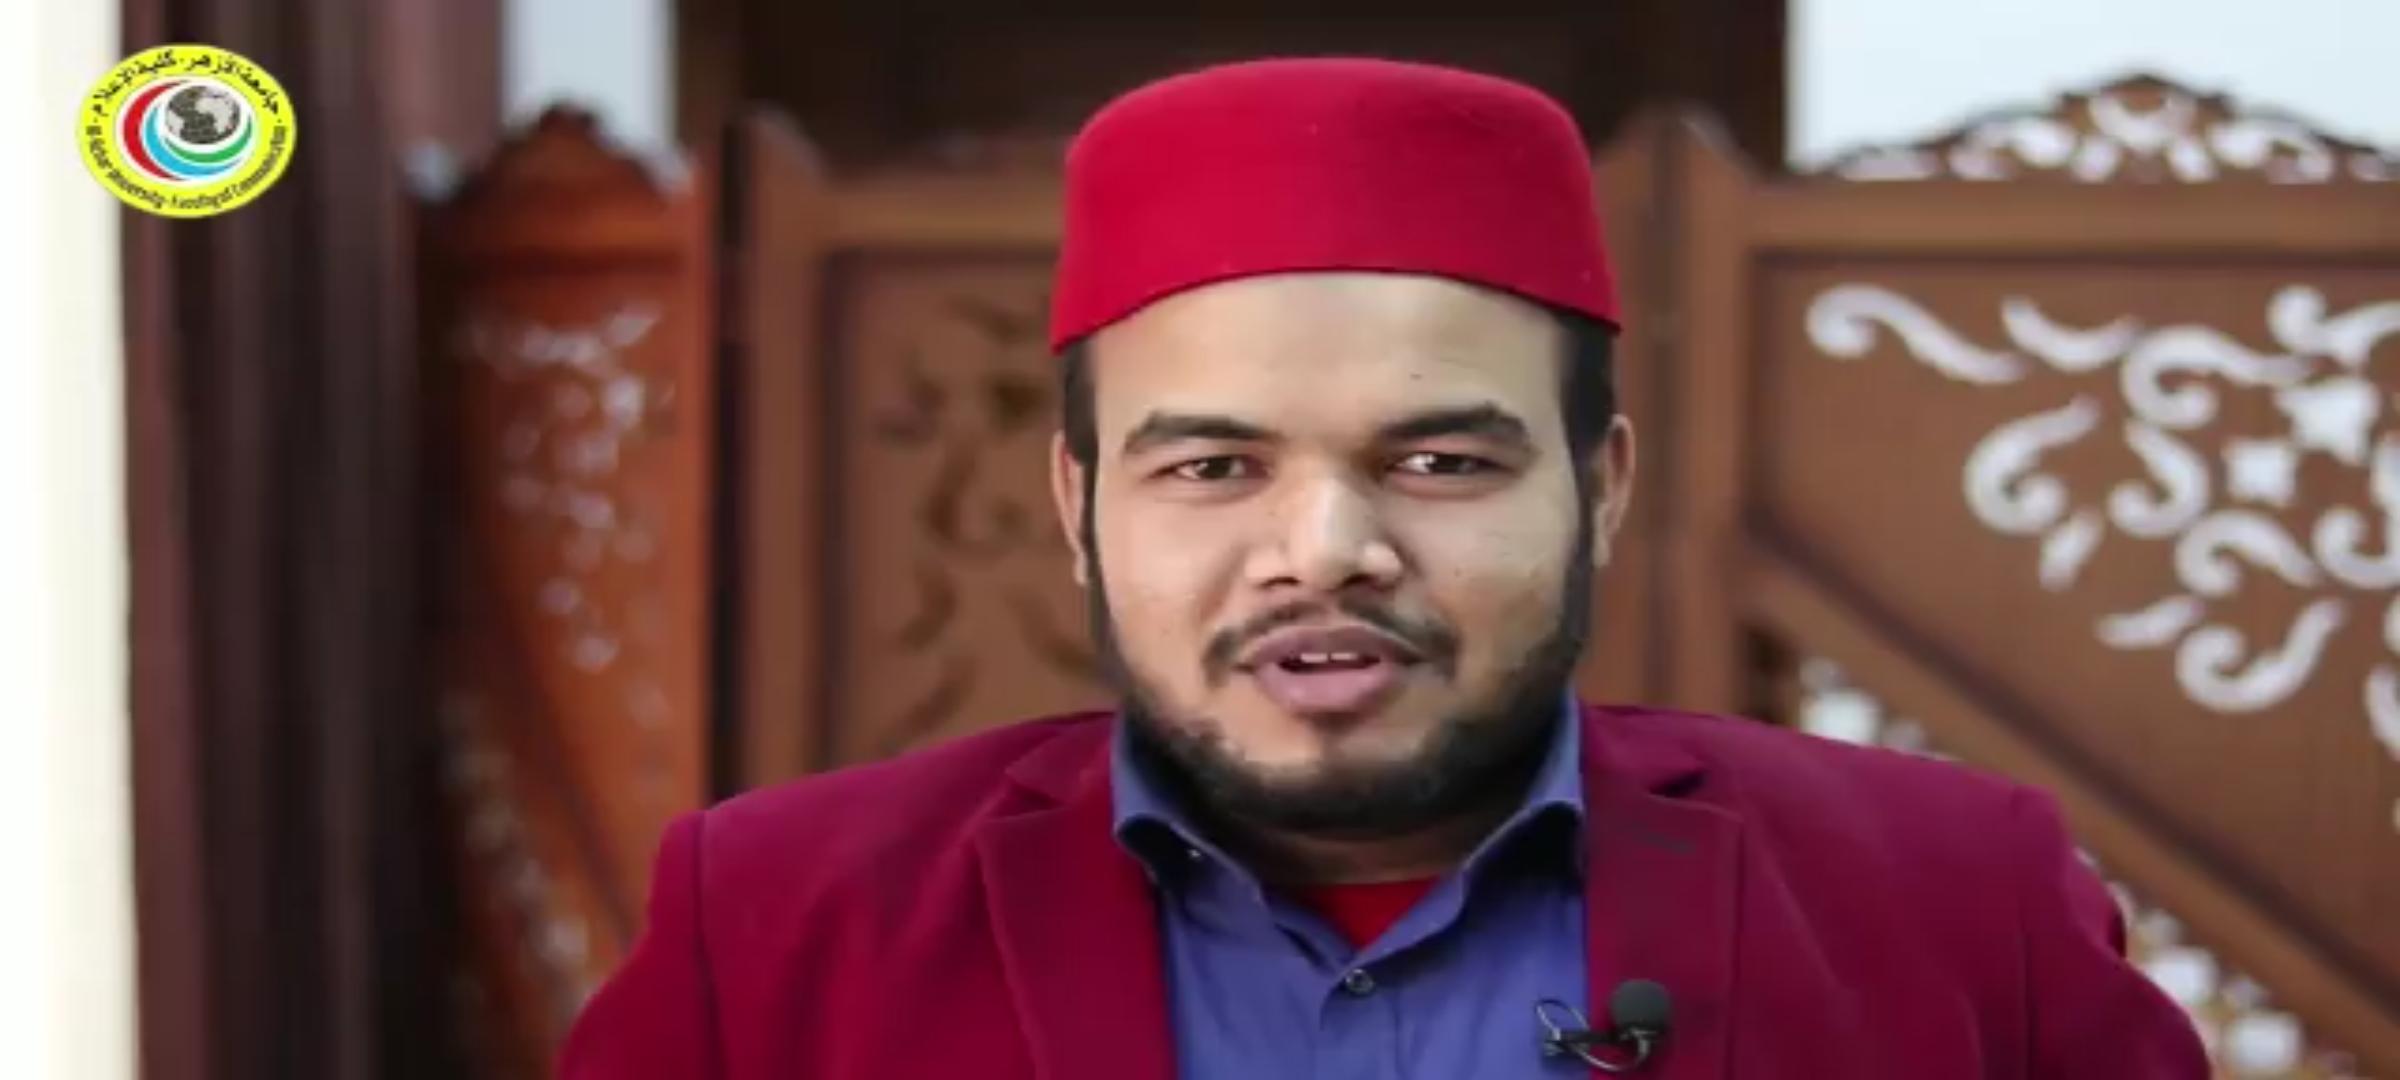 الوافدين بالأزهر يعبرون عن انتمائهم في ذكرى افتتاح الجامع الأزهر